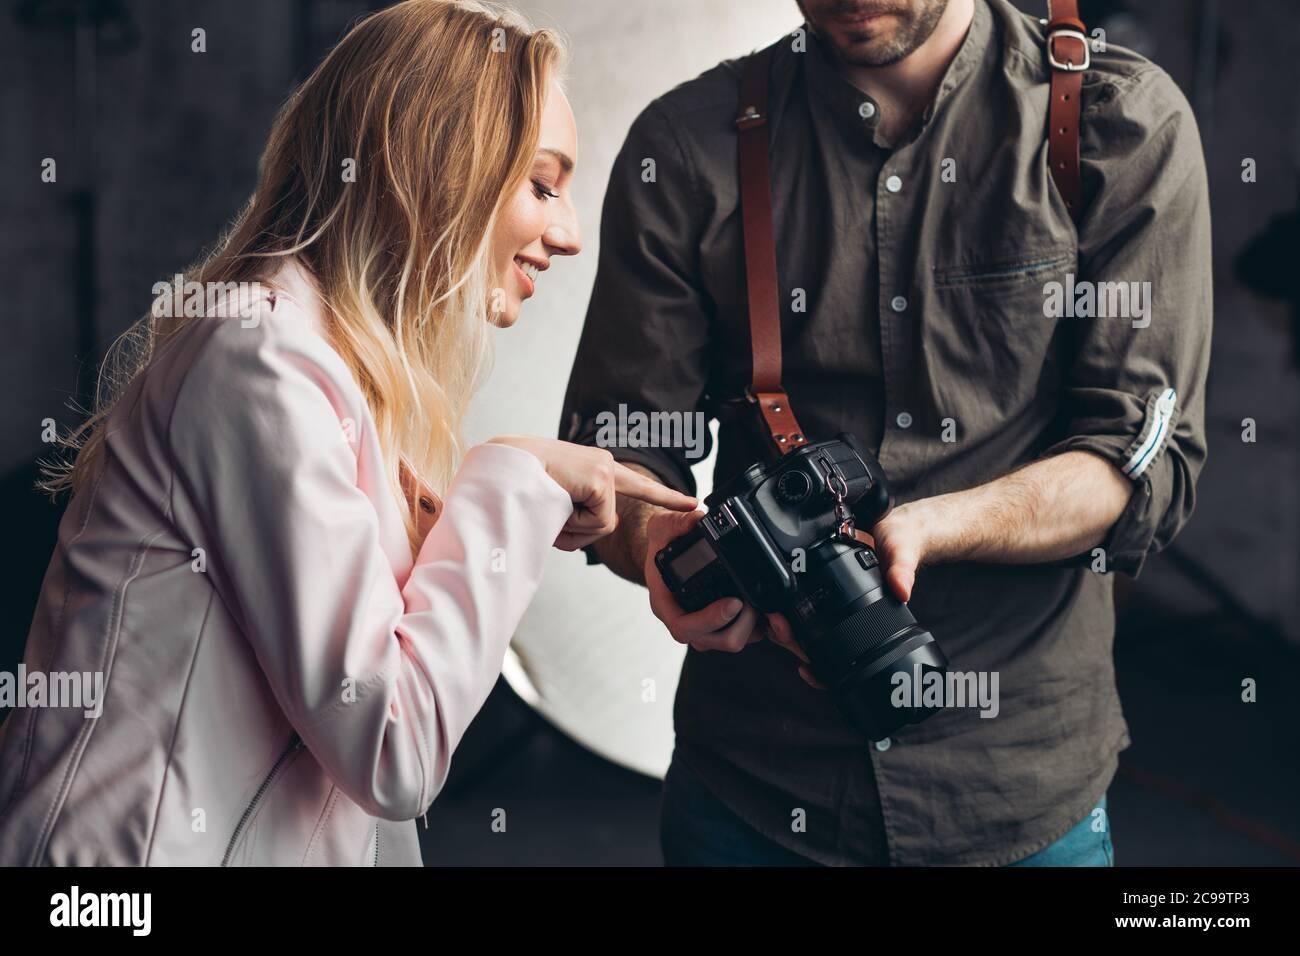 génial jolie fille pointant vers la photo tout en travaillant avec un photographe, fille gaie donnant des conseils pour le photographe au studio Banque D'Images